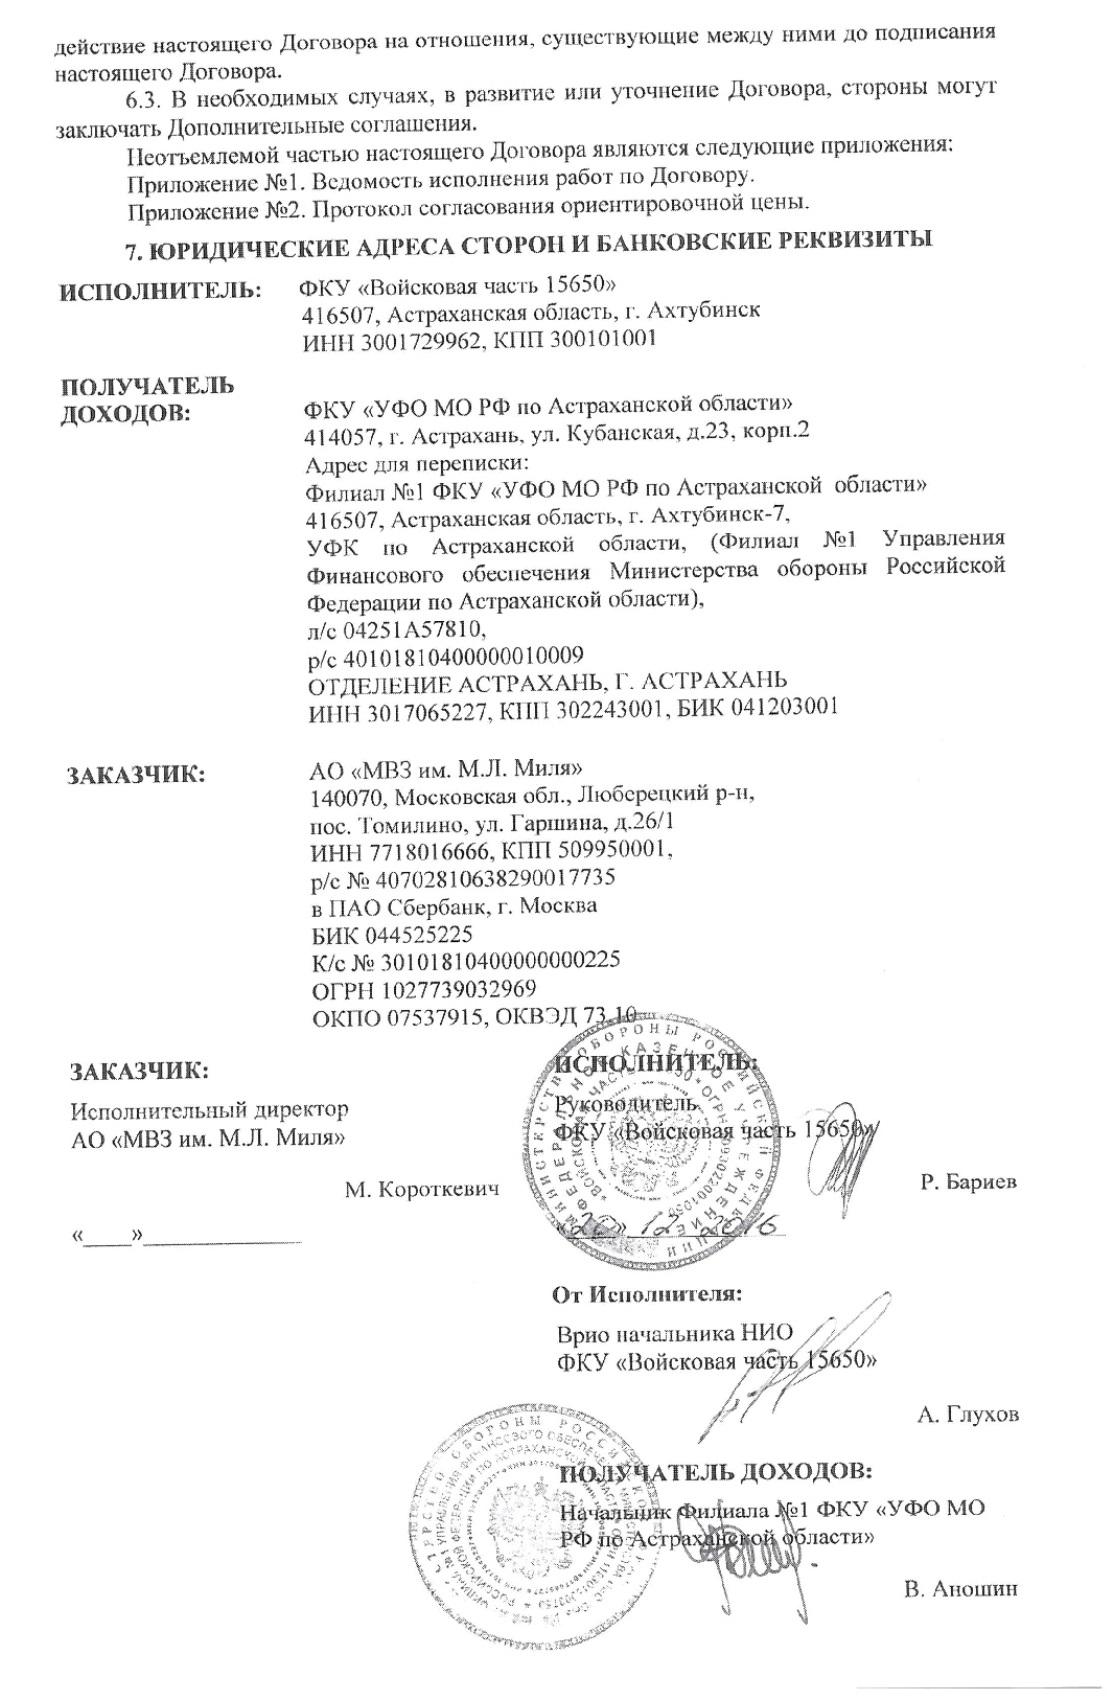 الجزائر تقتني انظمة حماية الطائرات [  président-S  ]   - صفحة 2 32508459343_720baa4dc8_o